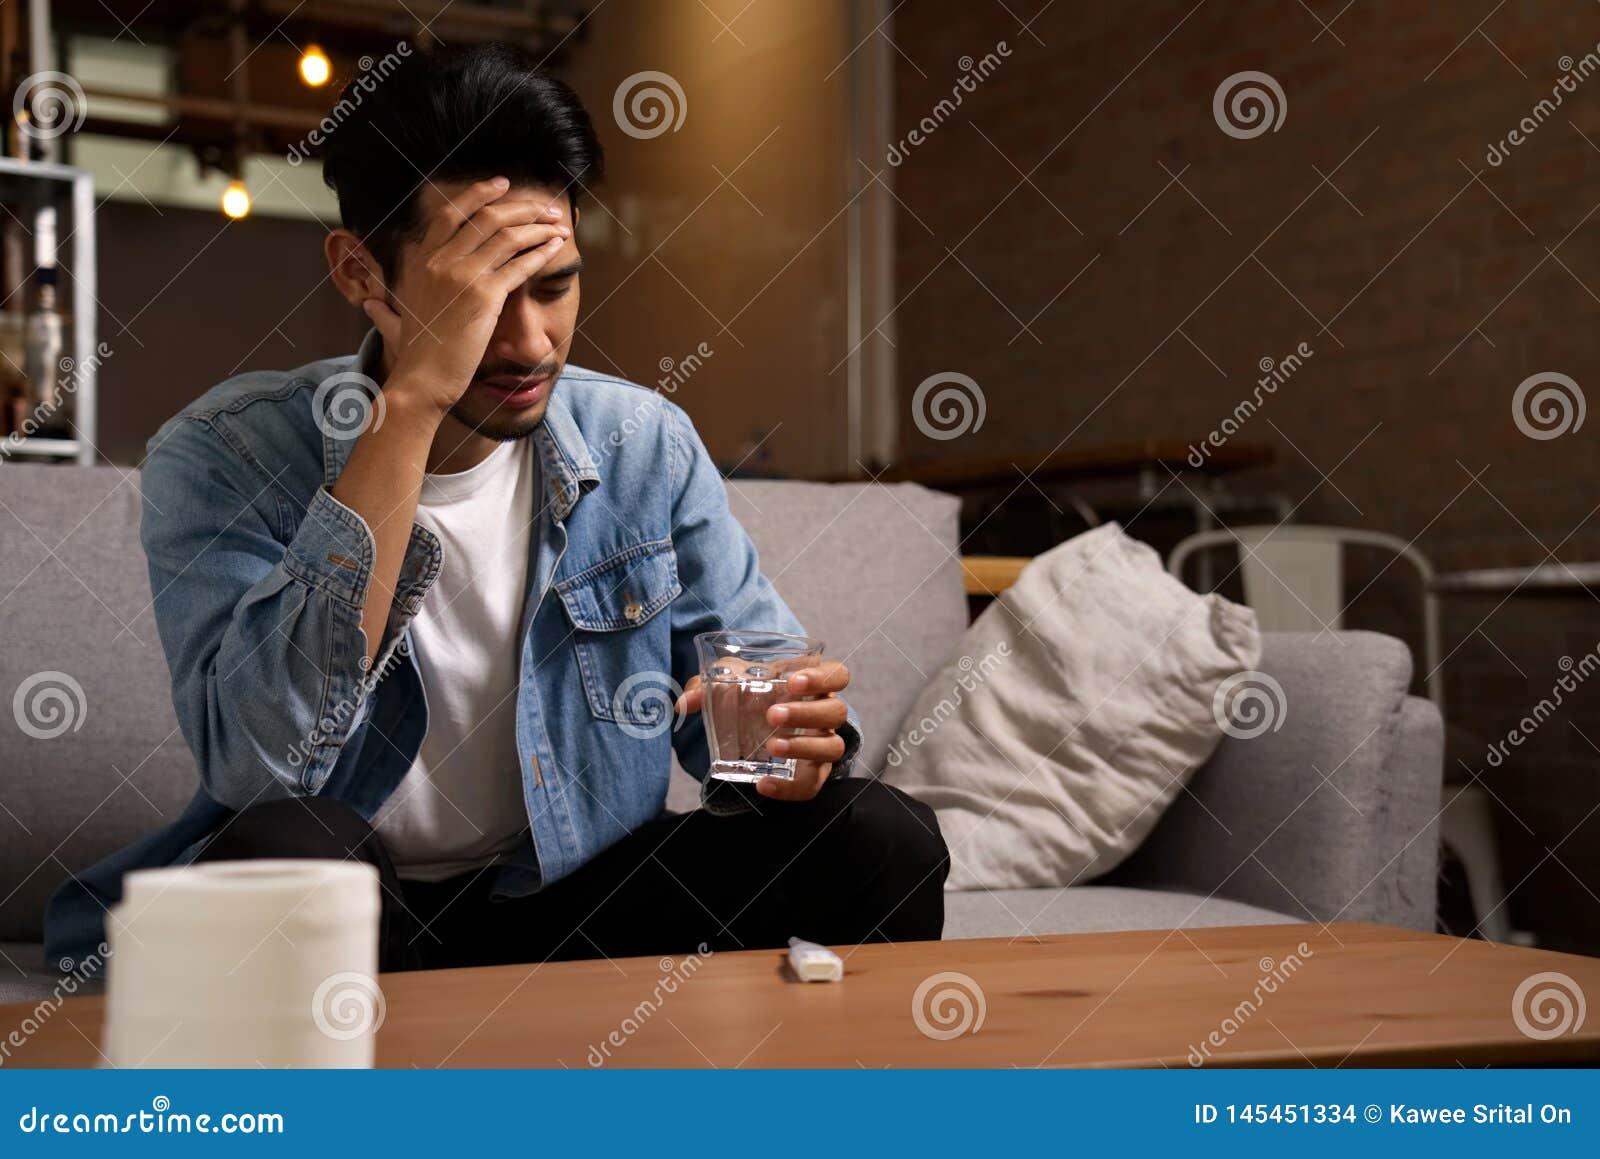 Krankheit und ungesundes Bedingungskonzept Kopfschmerzenmann, der auf Sofa sitzt